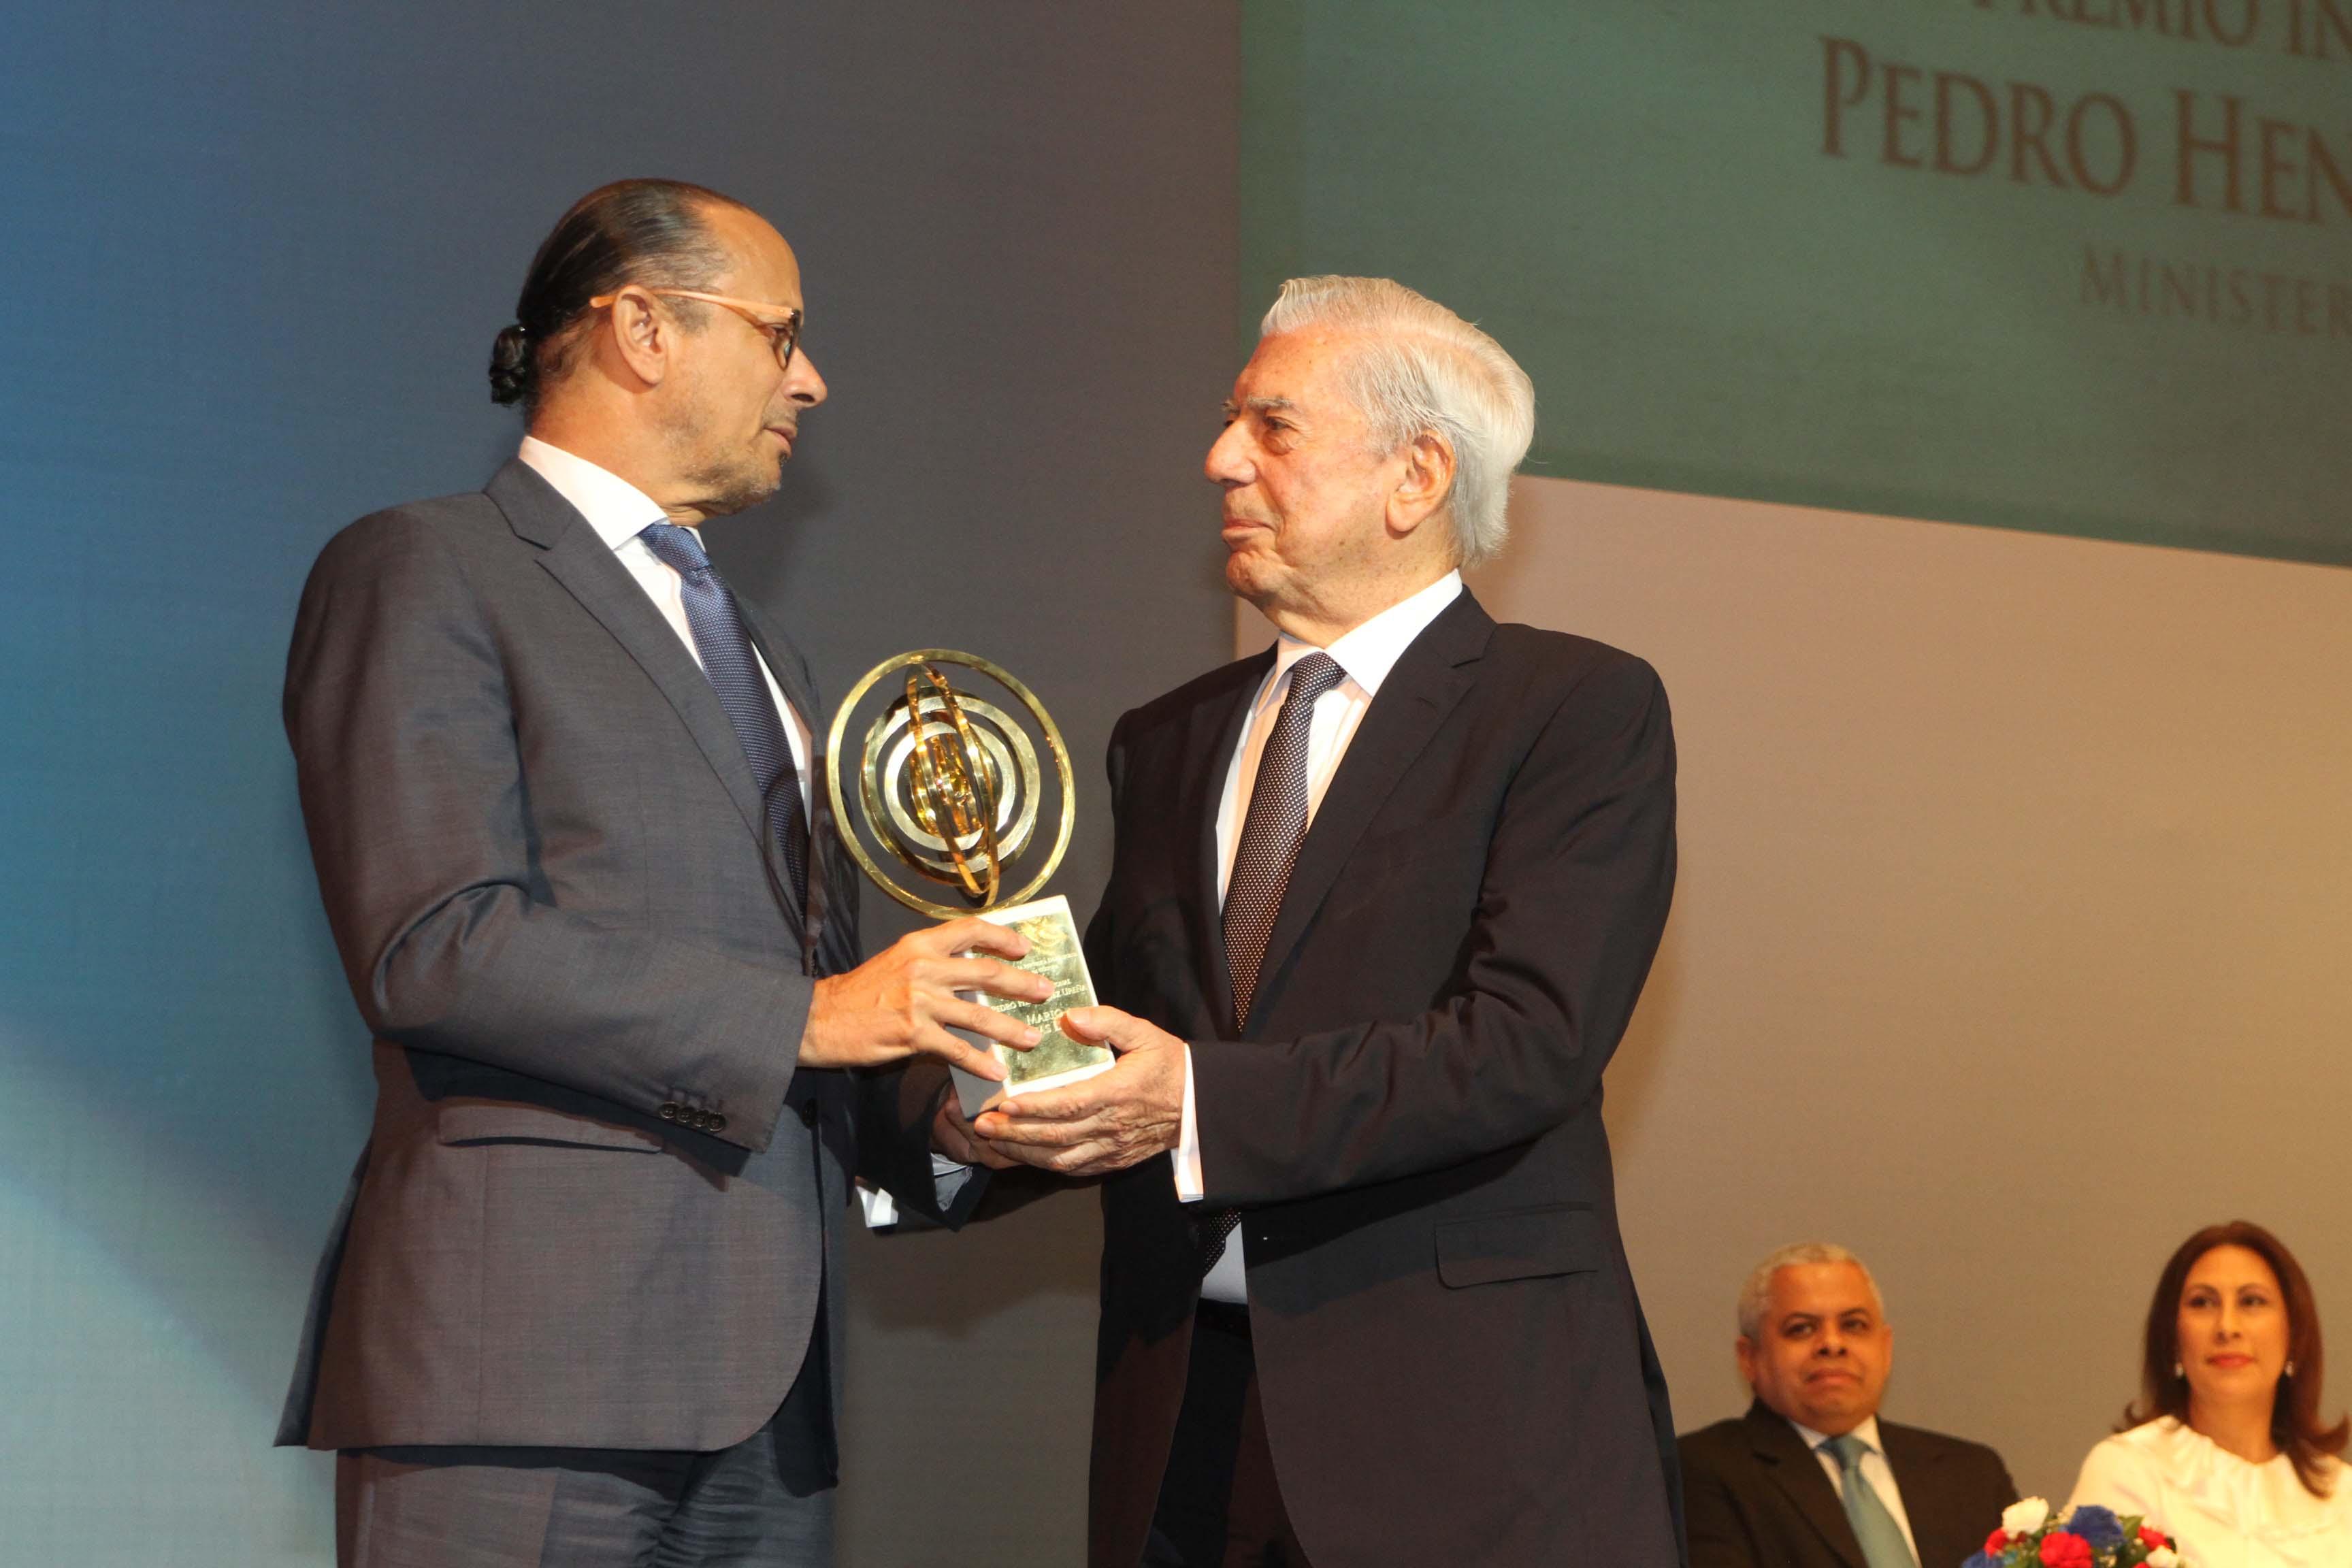 La XIX Feria Internacional del Libro premió a Vargas Llosa